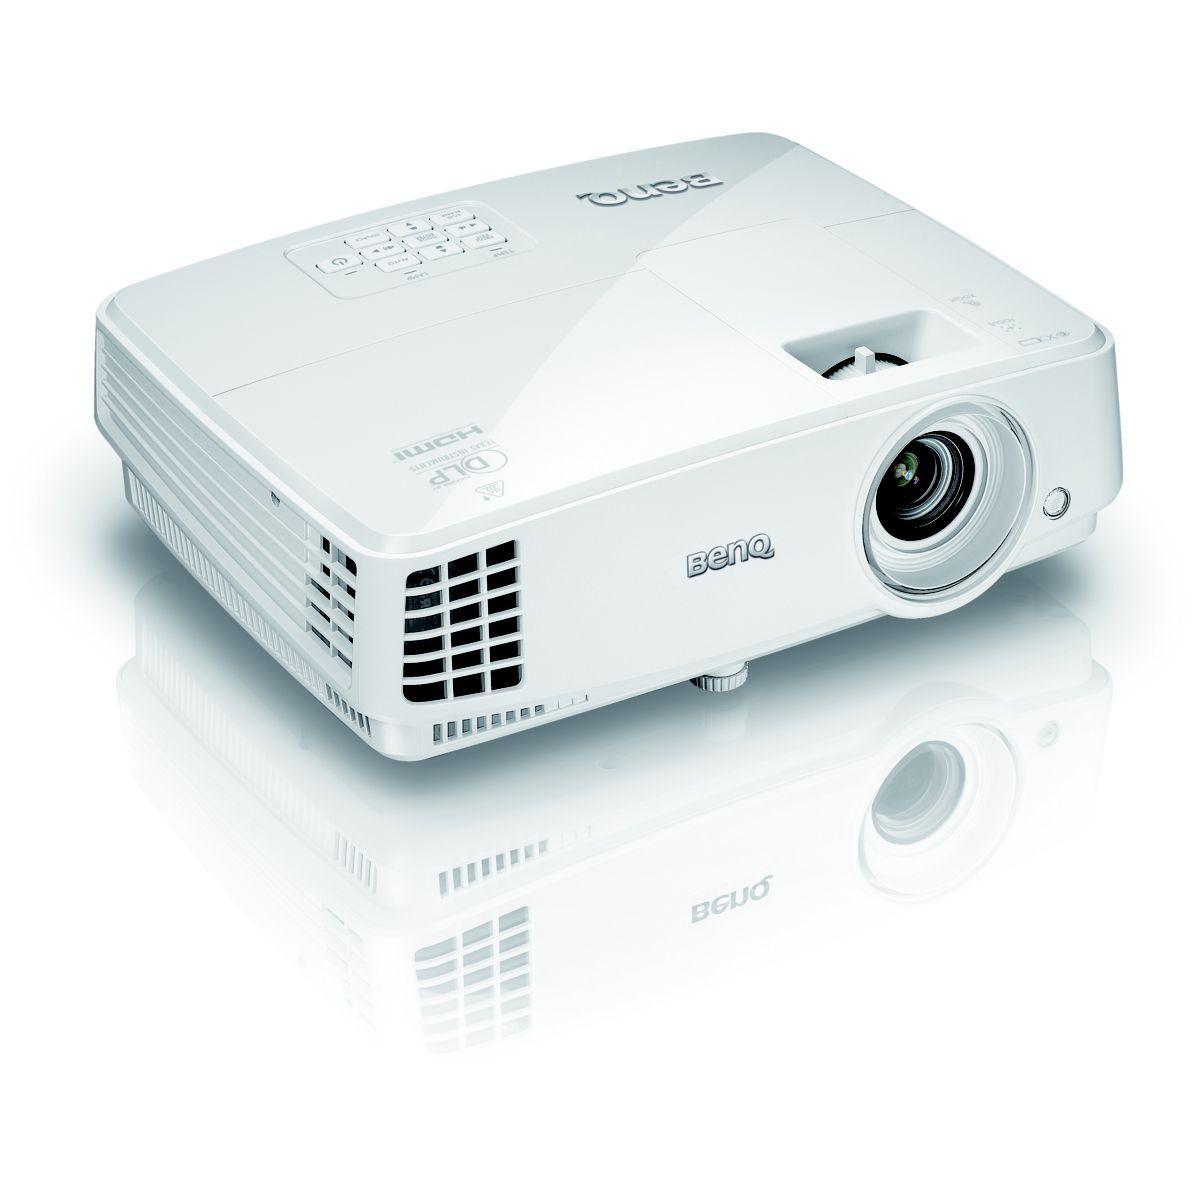 Projecteur benq th530 (photo)